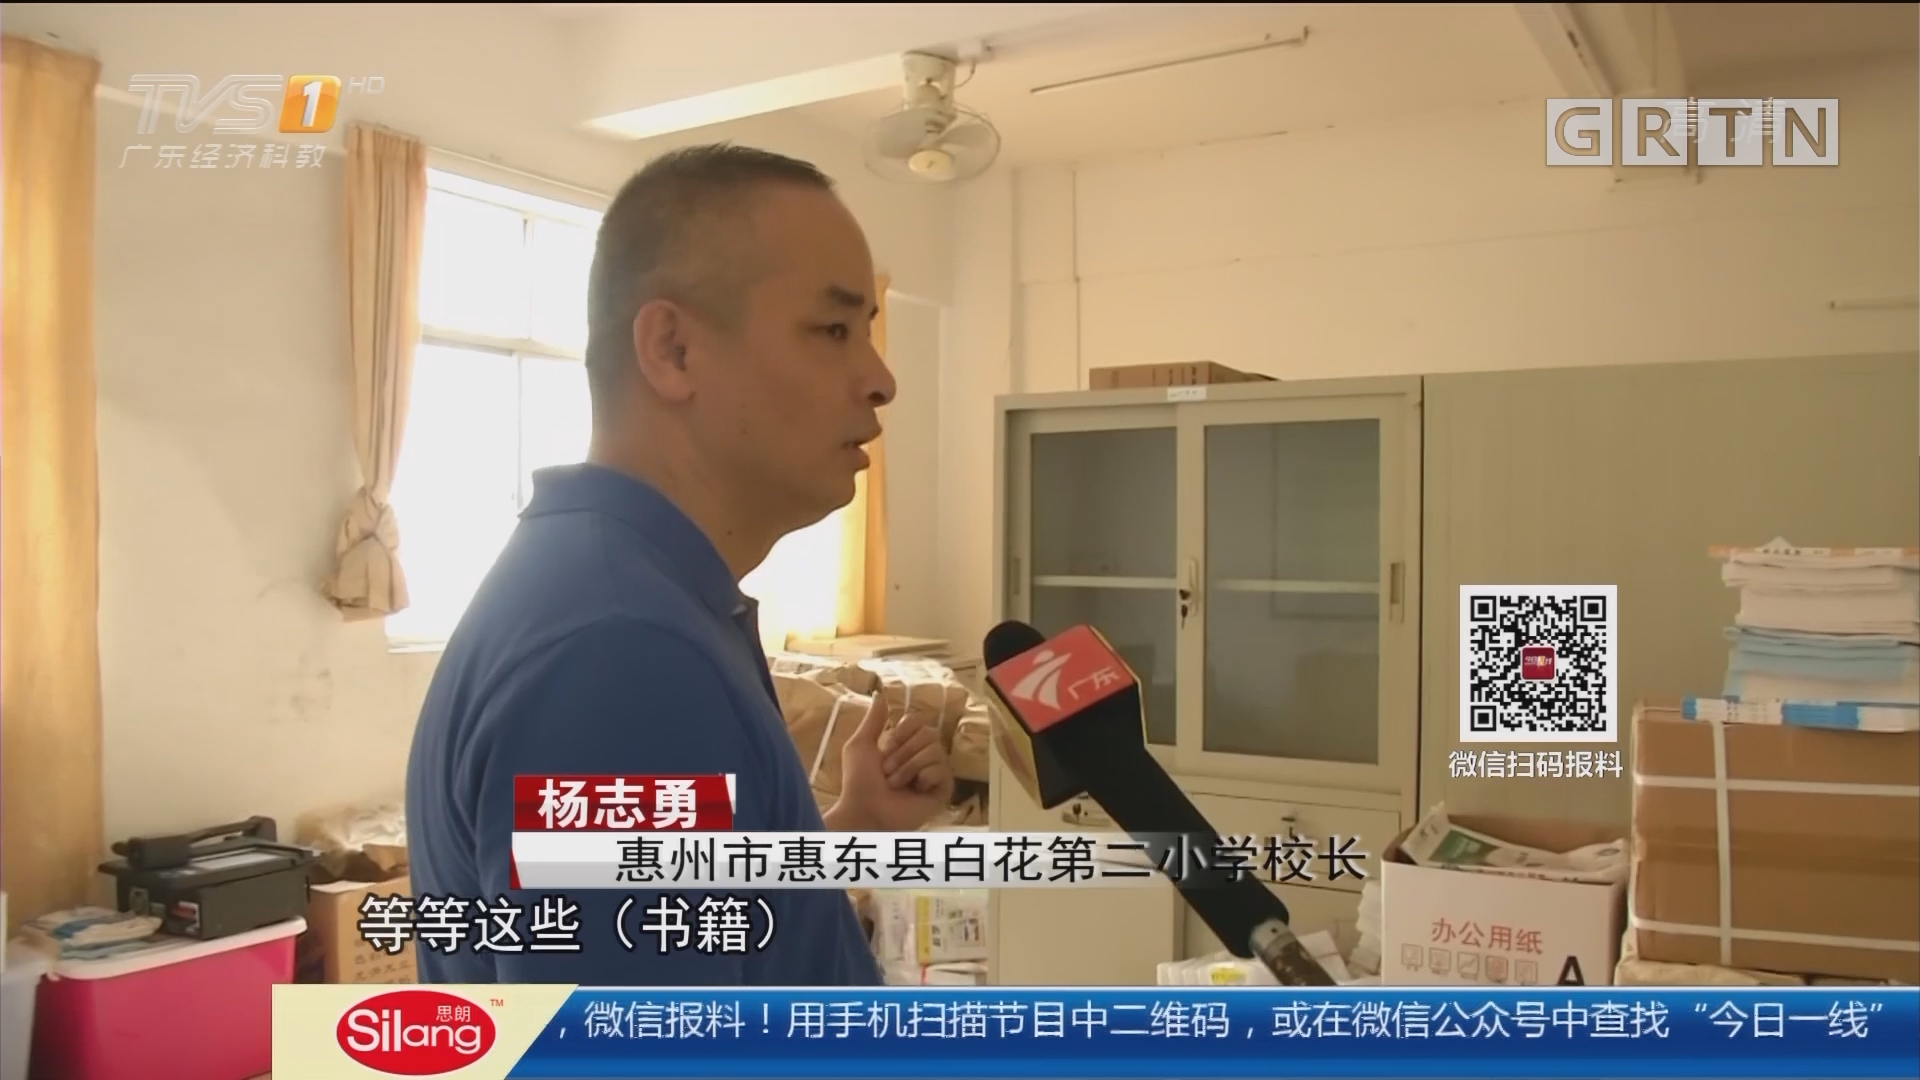 广东各地抢险救灾:惠州惠东县 教职工冒雨搬书 新书完好无损